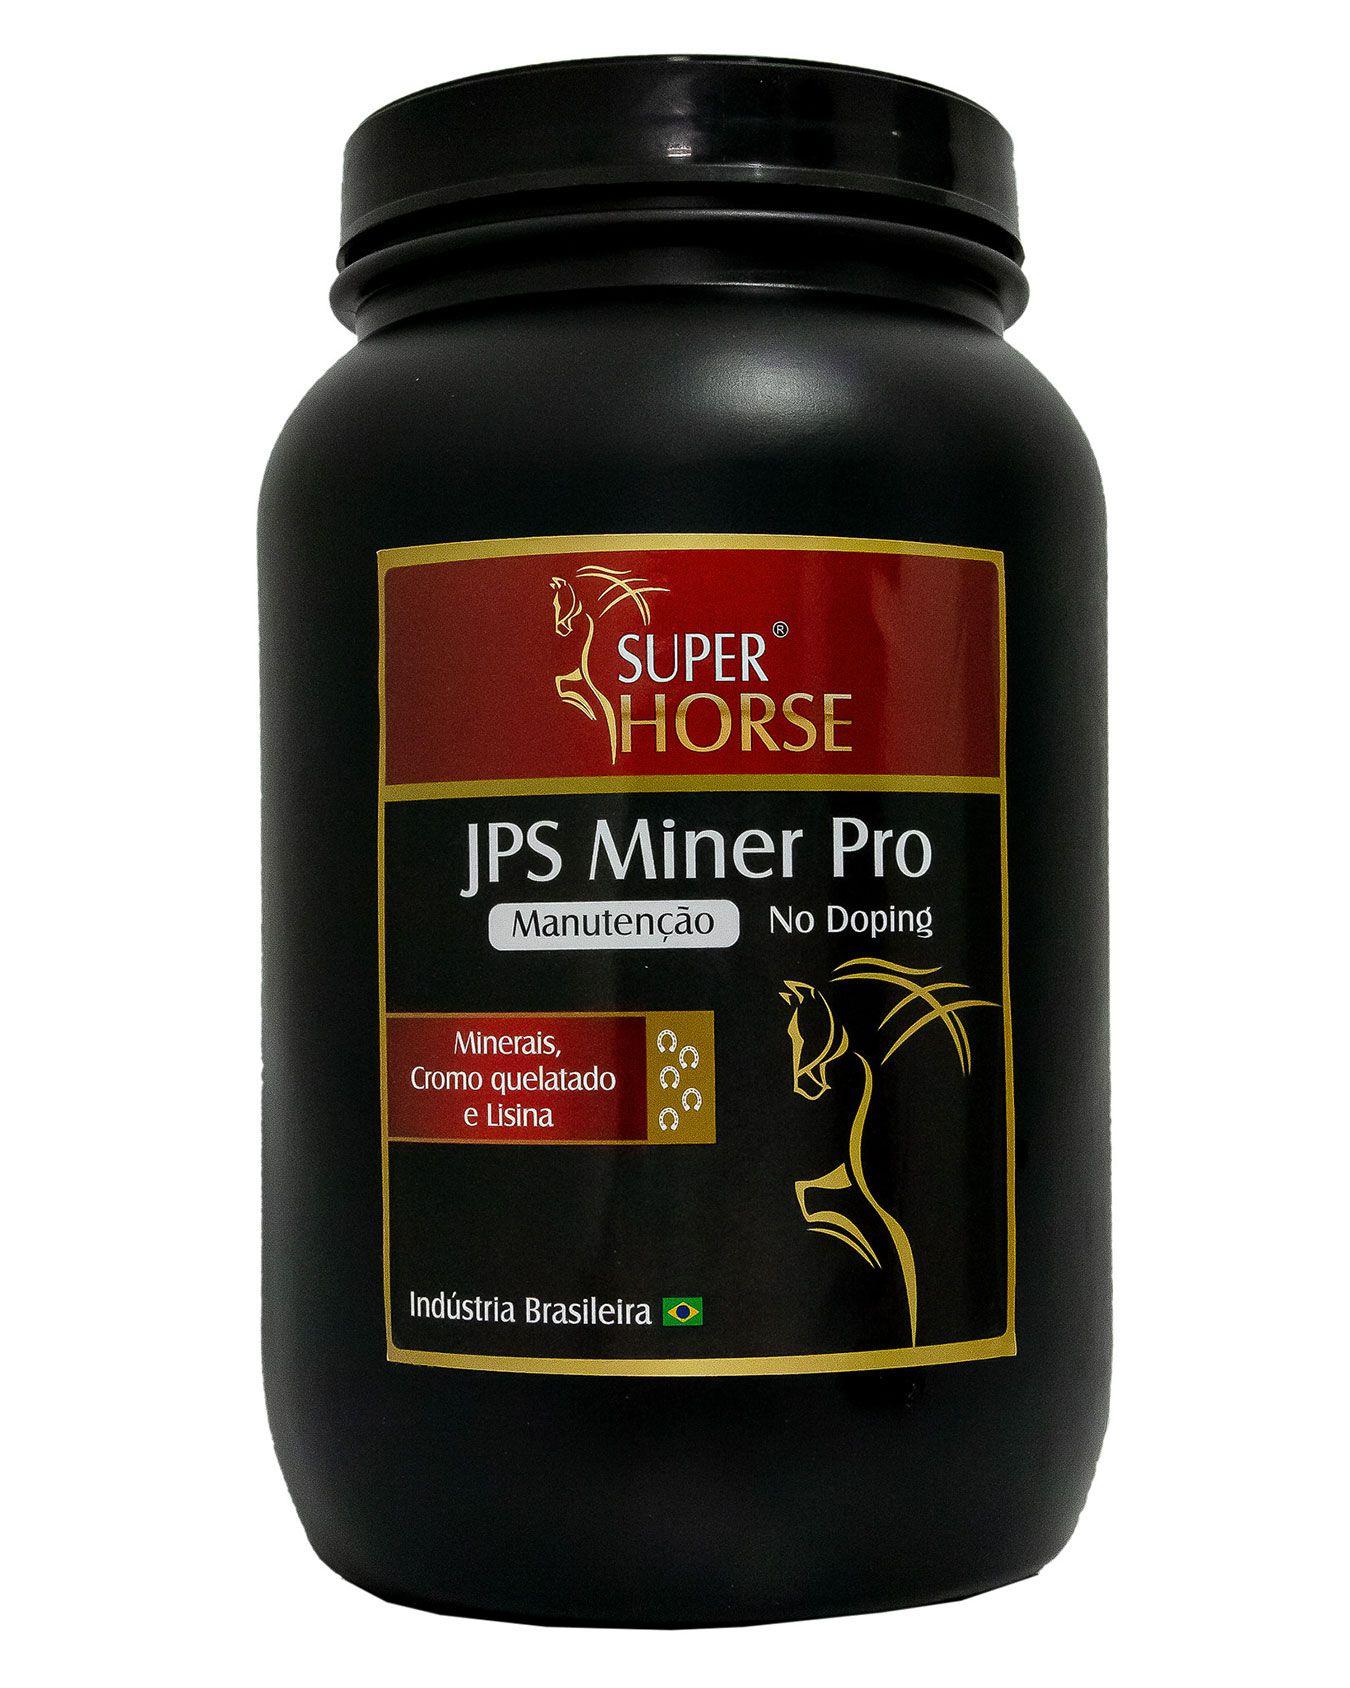 Super Horse JPS Miner Pro, 20 kg rende em até 600 dias.